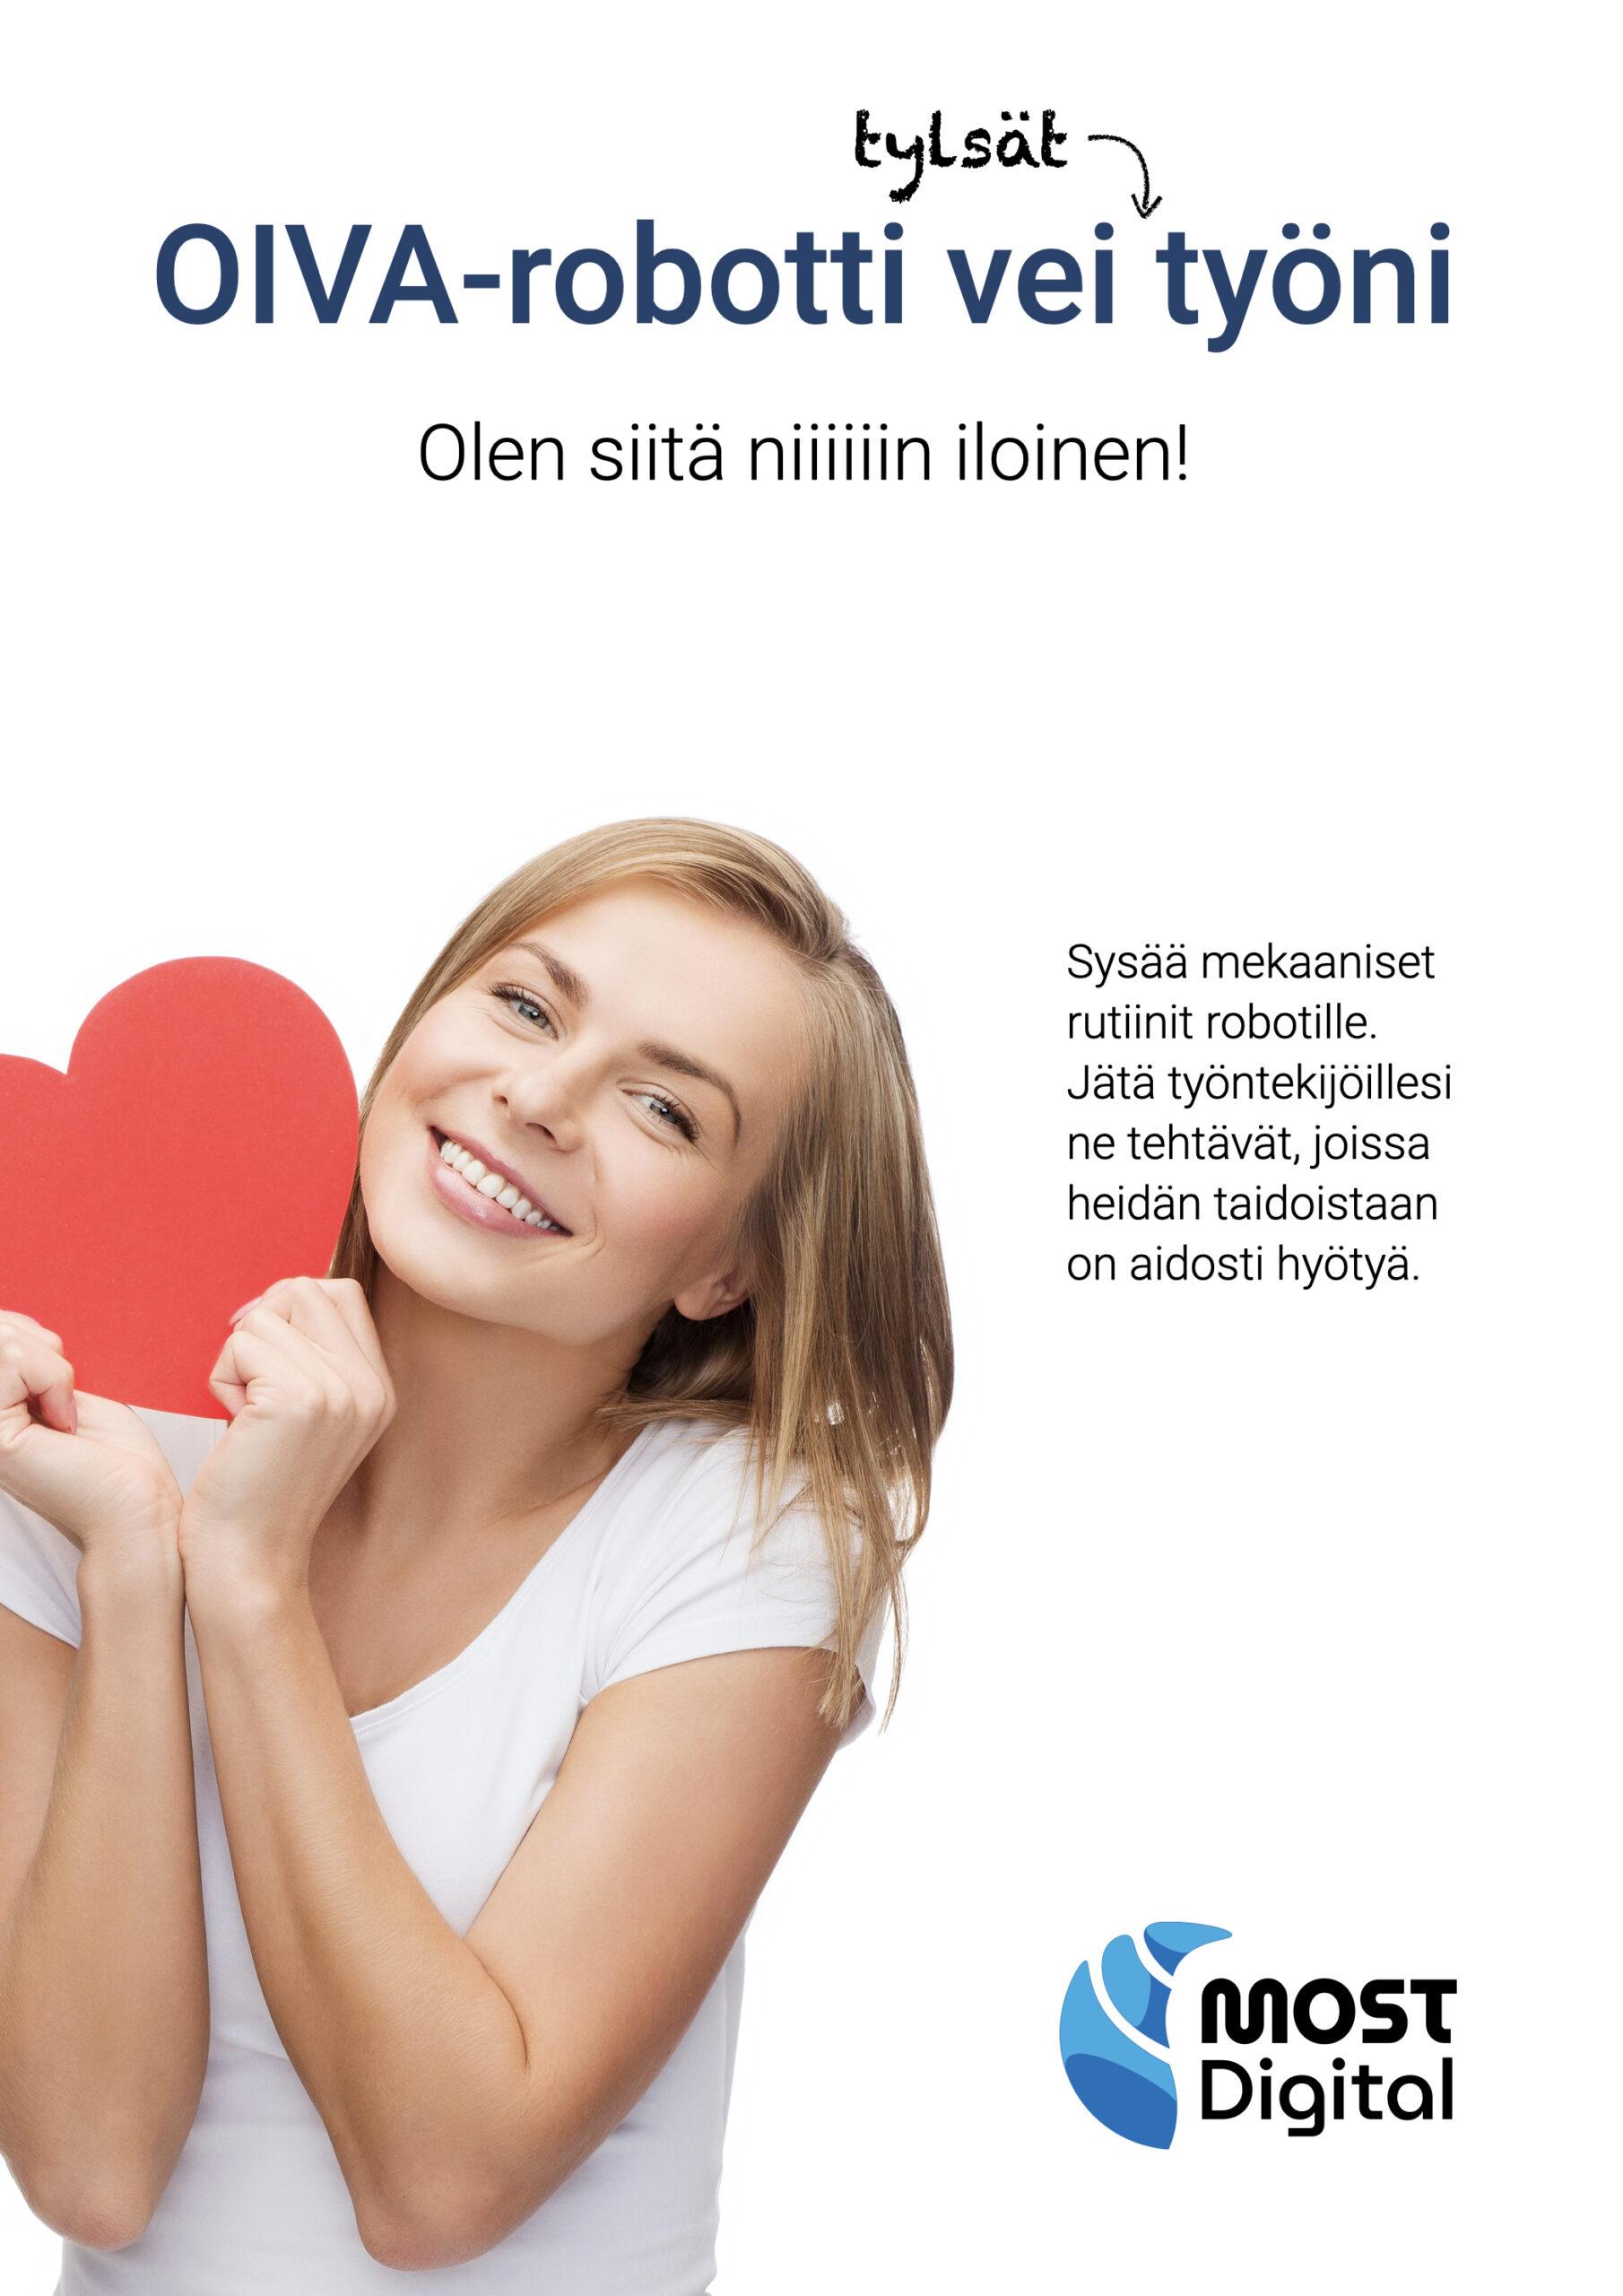 OIVA-ohjelmistorobotti, ESITE, sivu 1/4: Esitteen etusivulla toistuu mainoksen teema.